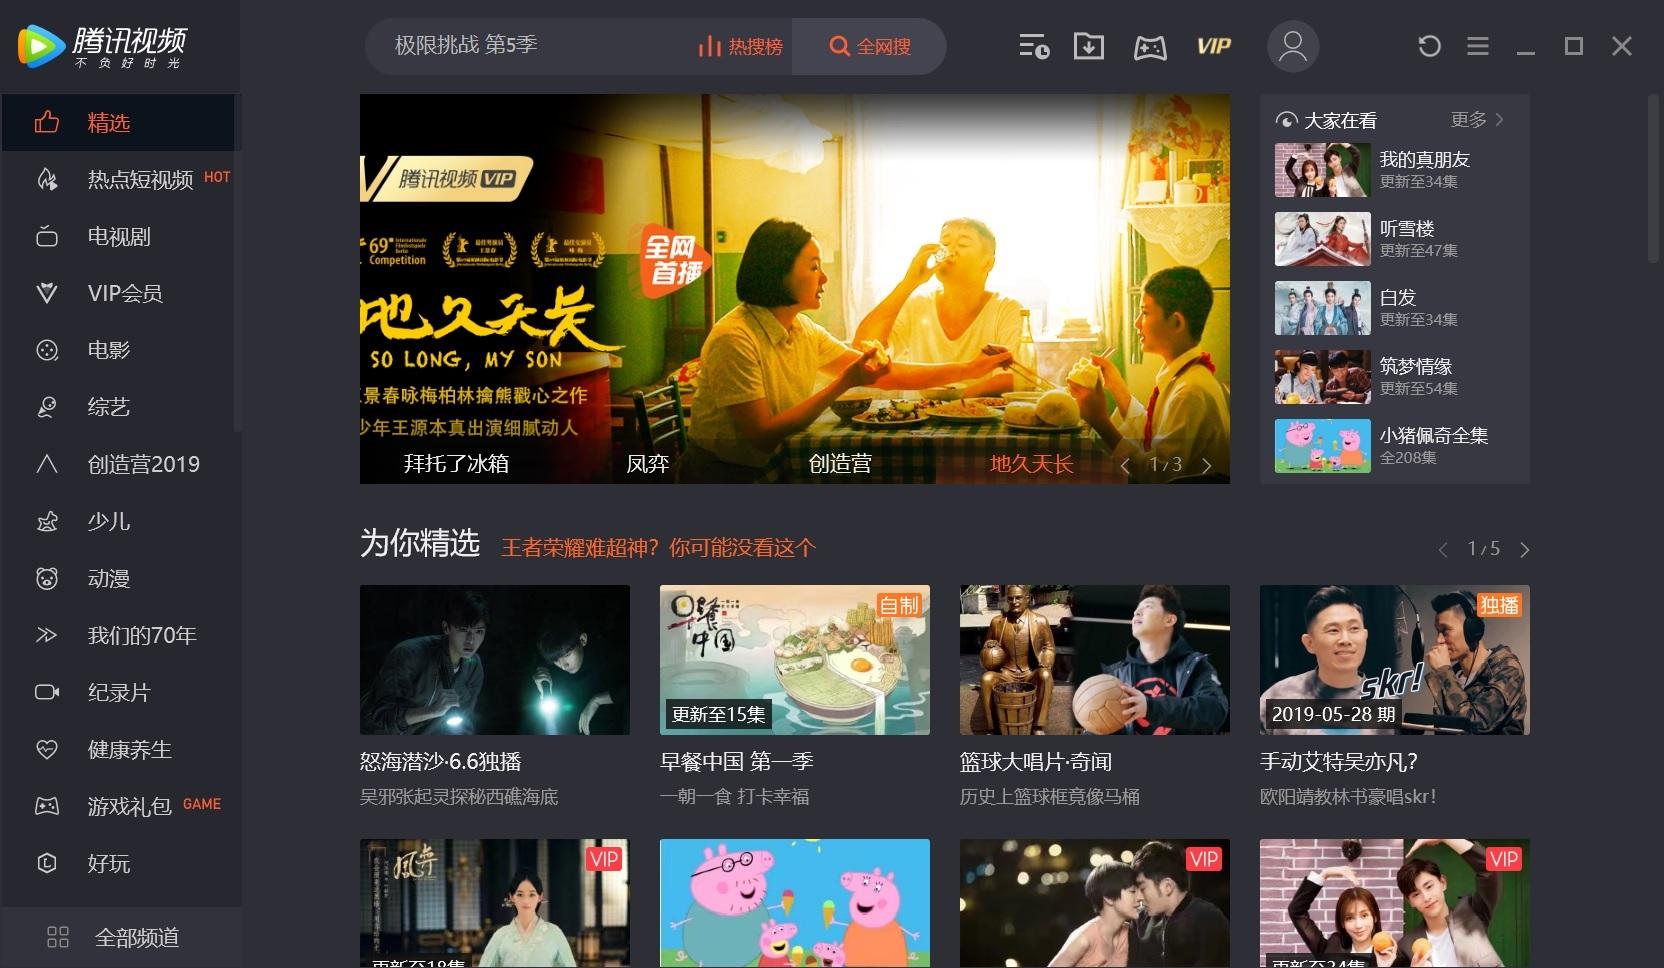 腾讯视频去广告精简版 v10.1.9 全广告破解版(免费看1080P蓝光视频)